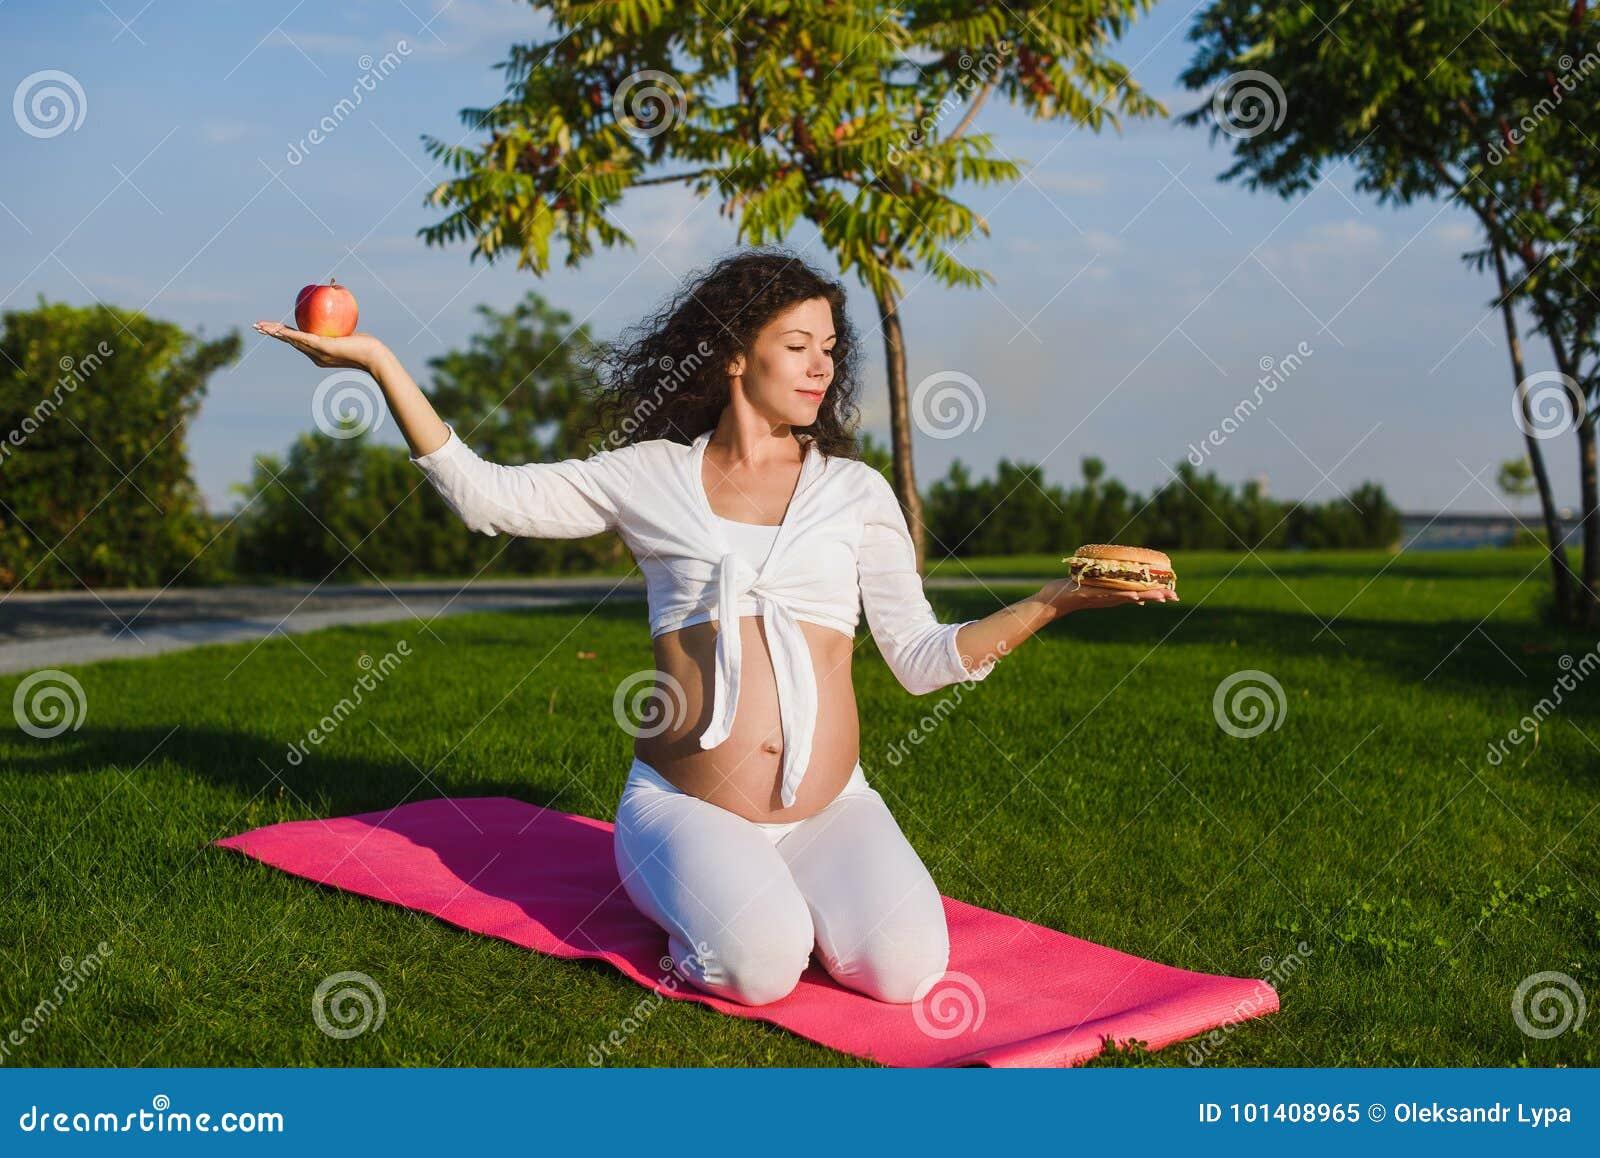 Kvinna som väljer mellan en hamburgare och ett äpple